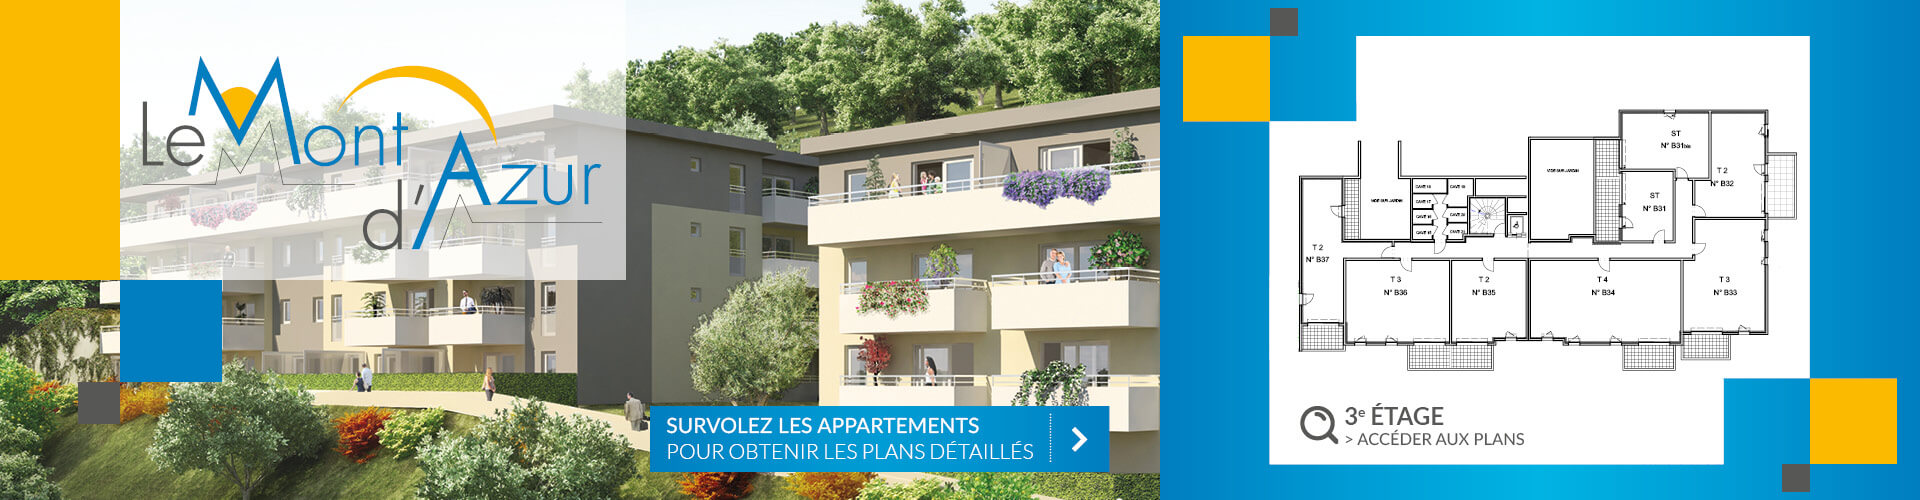 Résidence Mont d'Azur 3e étage Segeprim